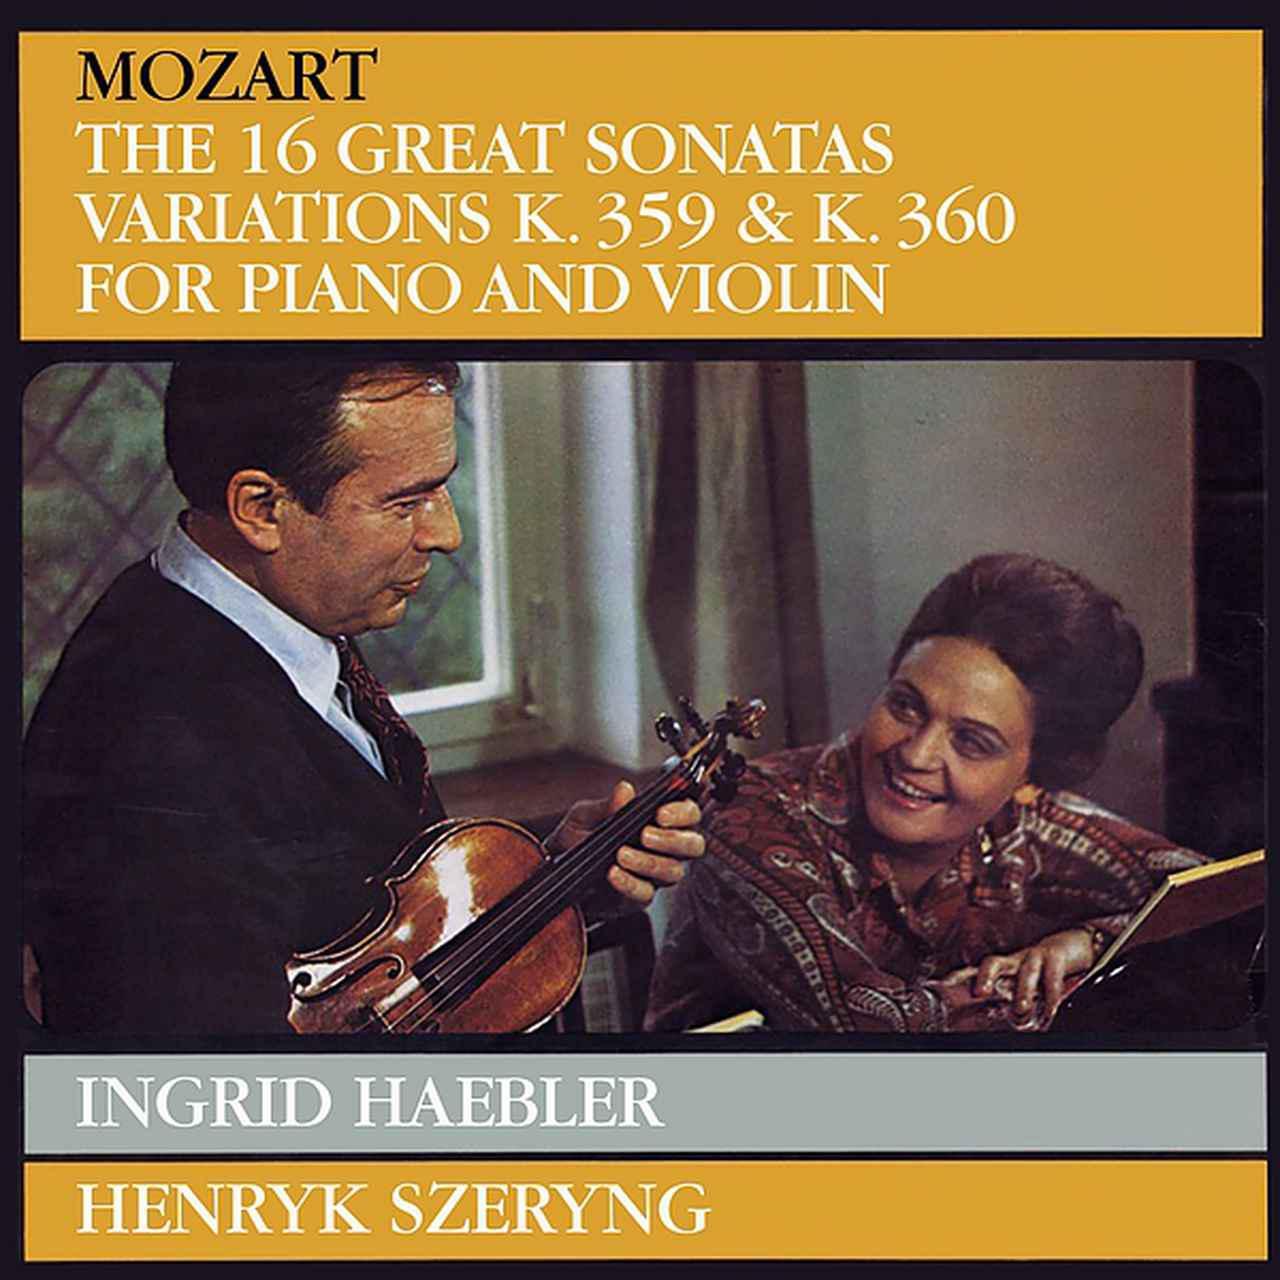 画像: Mozart: Violin Sonatas / Henryk Szeryng, Ingrid Haebler